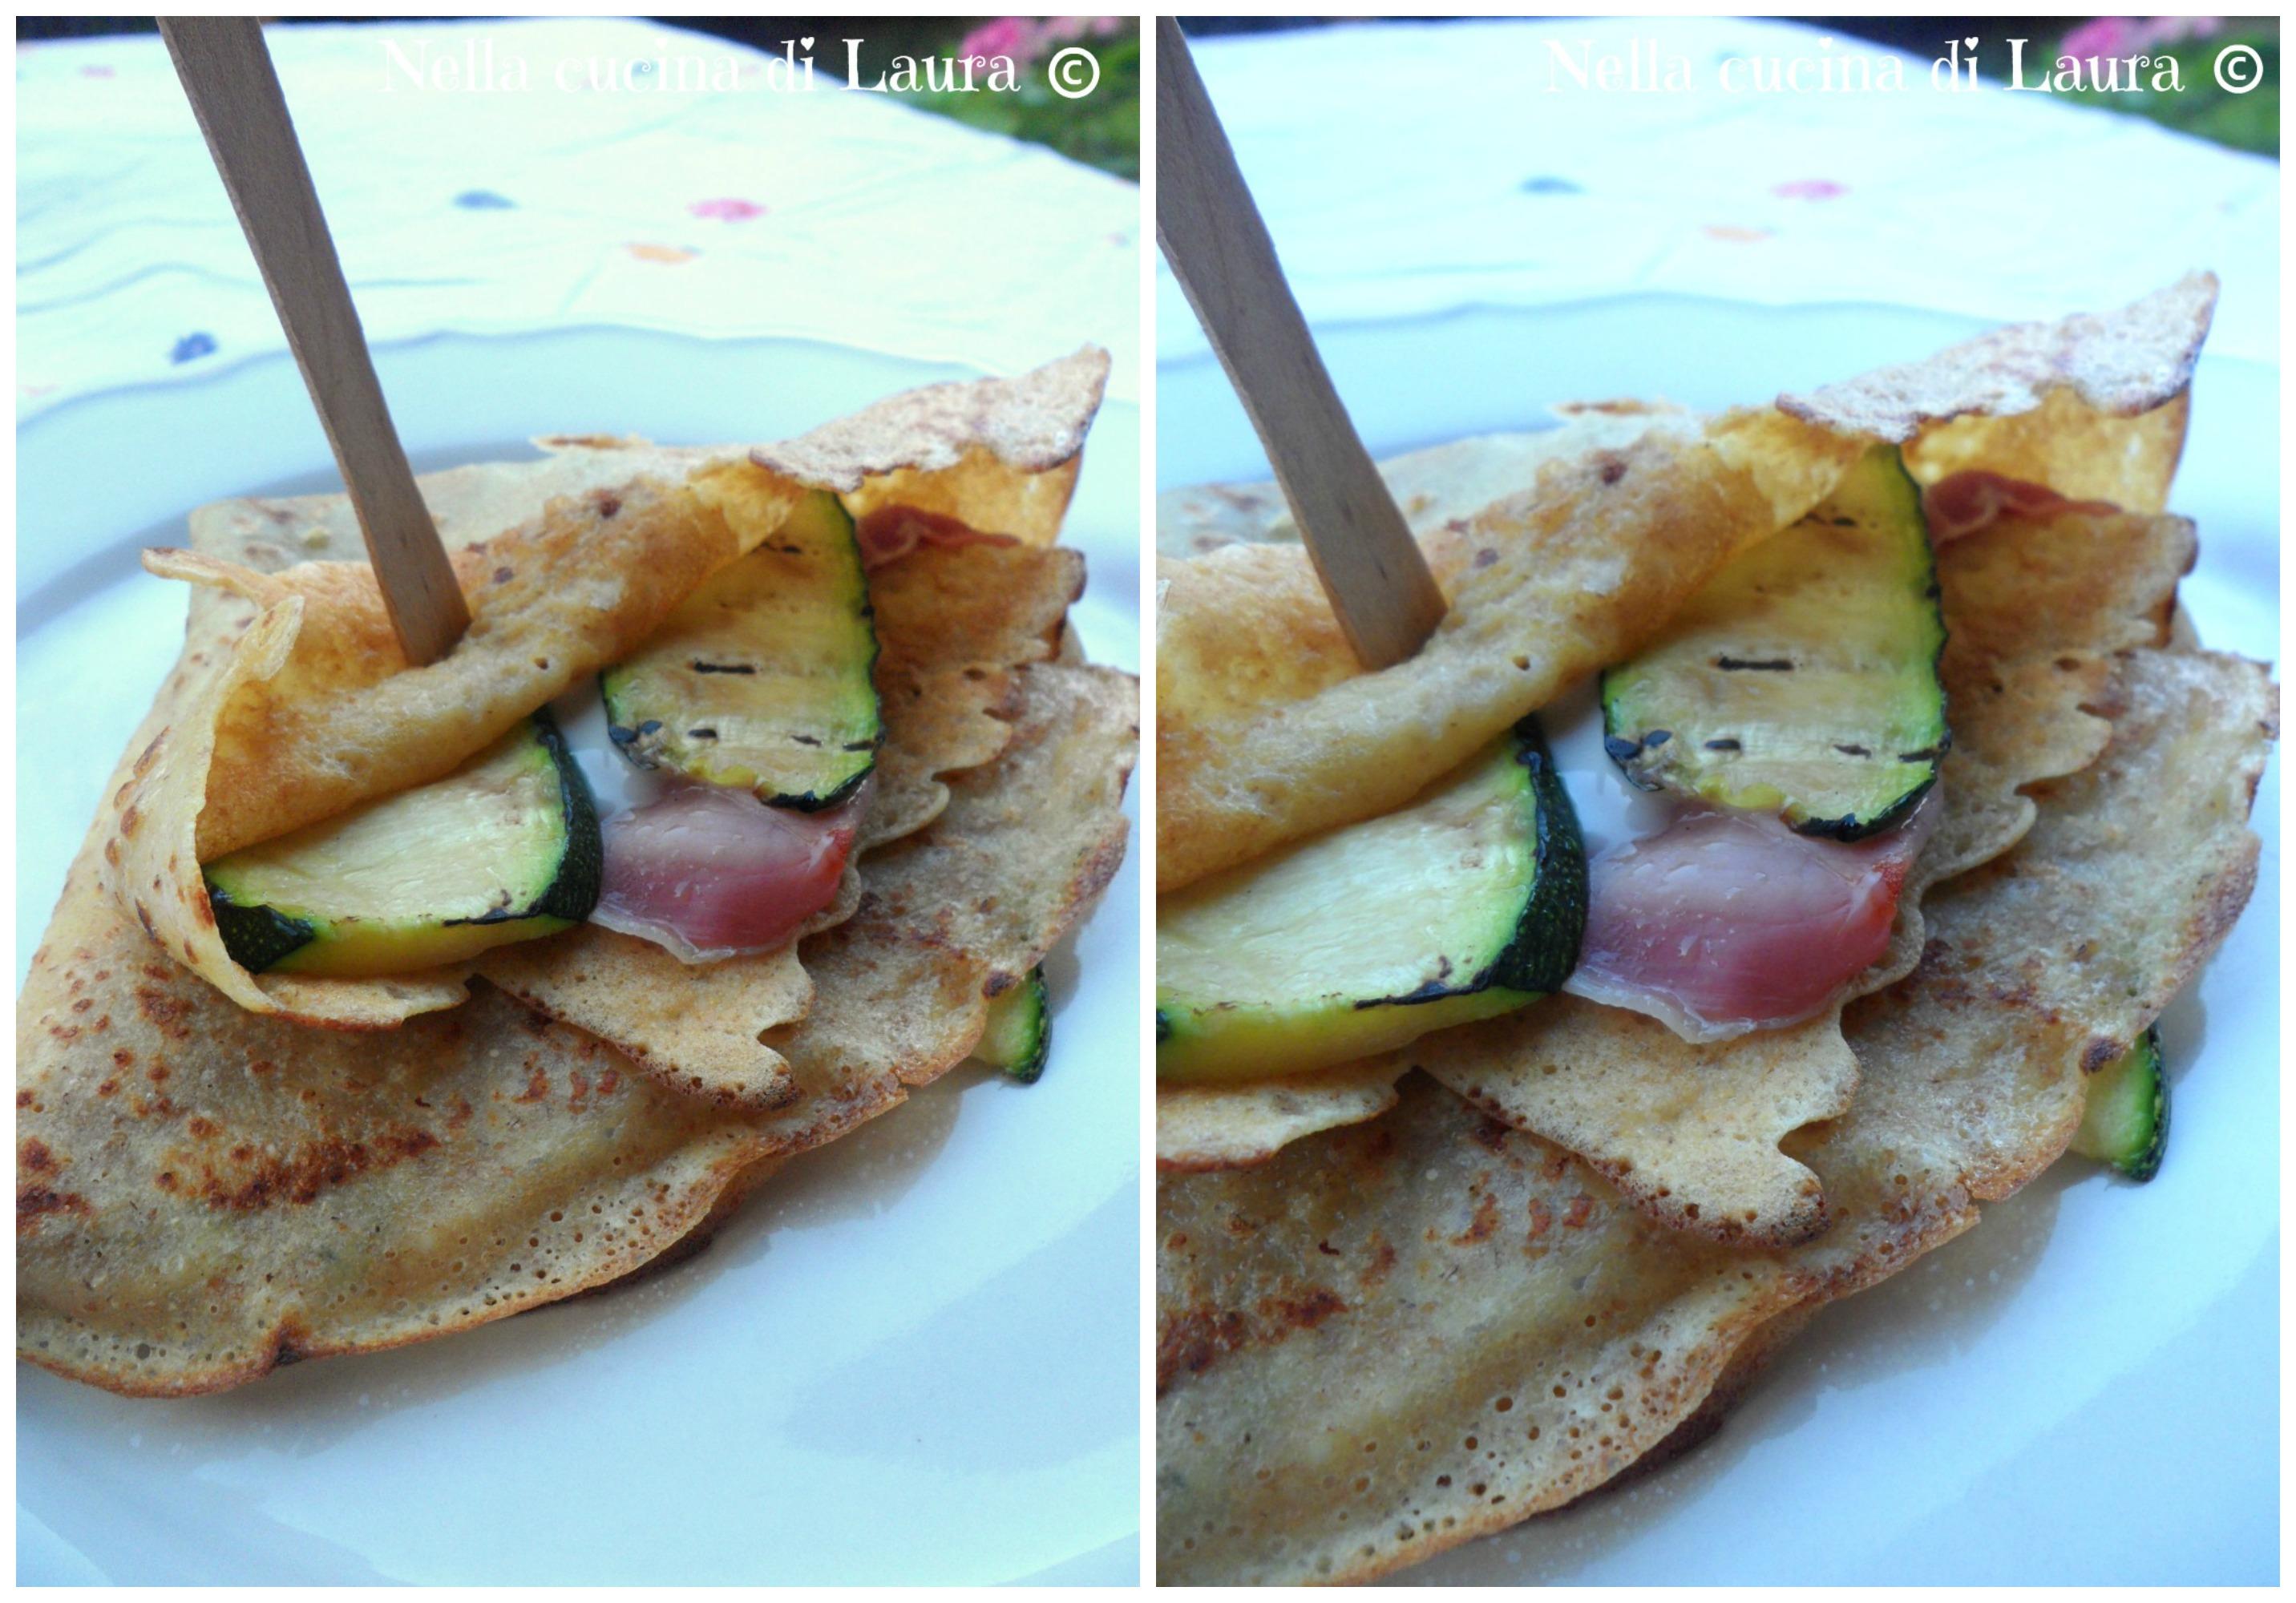 crepes salate con prosciutto cotto e zucchine grigliate - nella cucina di laura